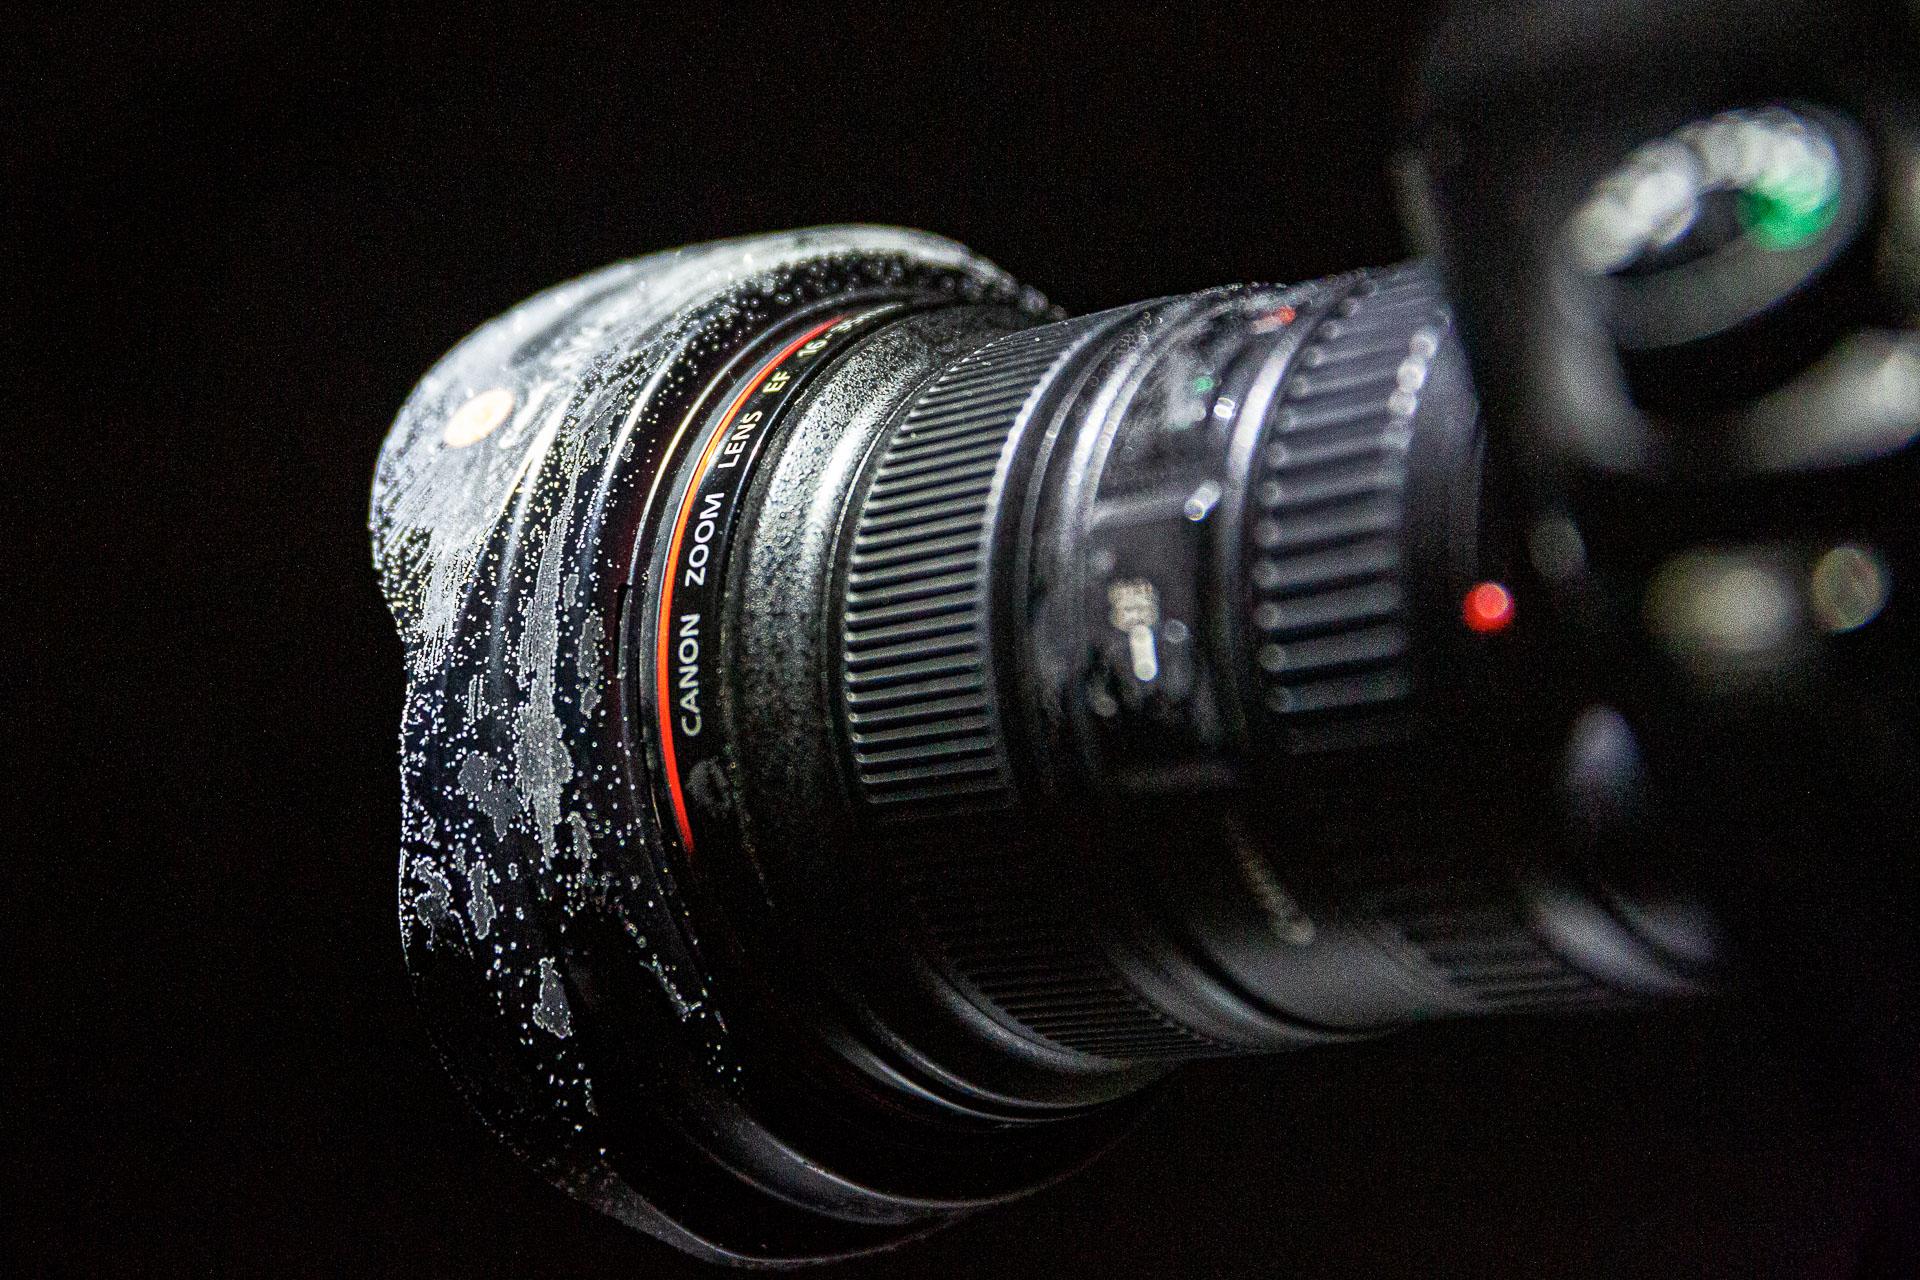 Um dein Objektiv fit für kalte Nächte beim Sterne Fotografieren zu machen, packe einen Handwärmer ein und befestige ihn unter deinem Objektiv.